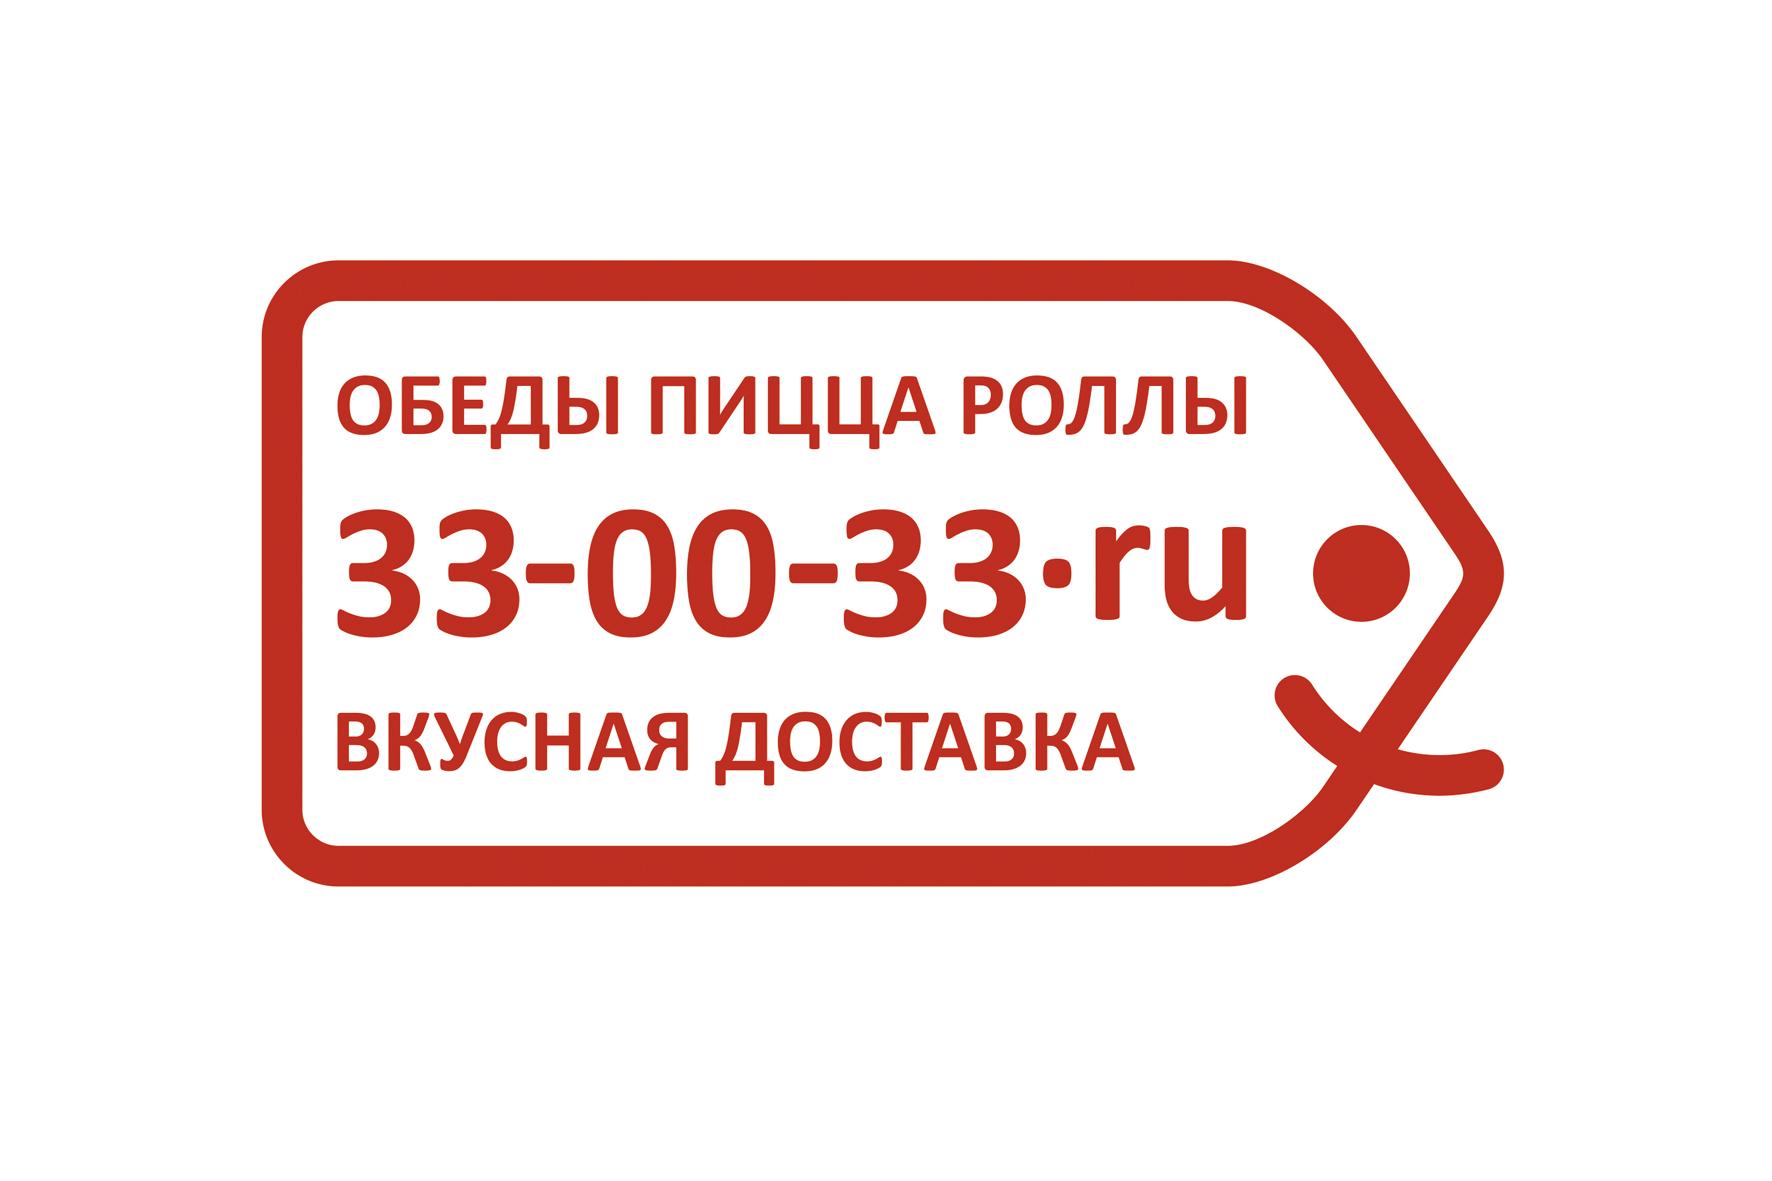 Служба доставки 33-00-33ru